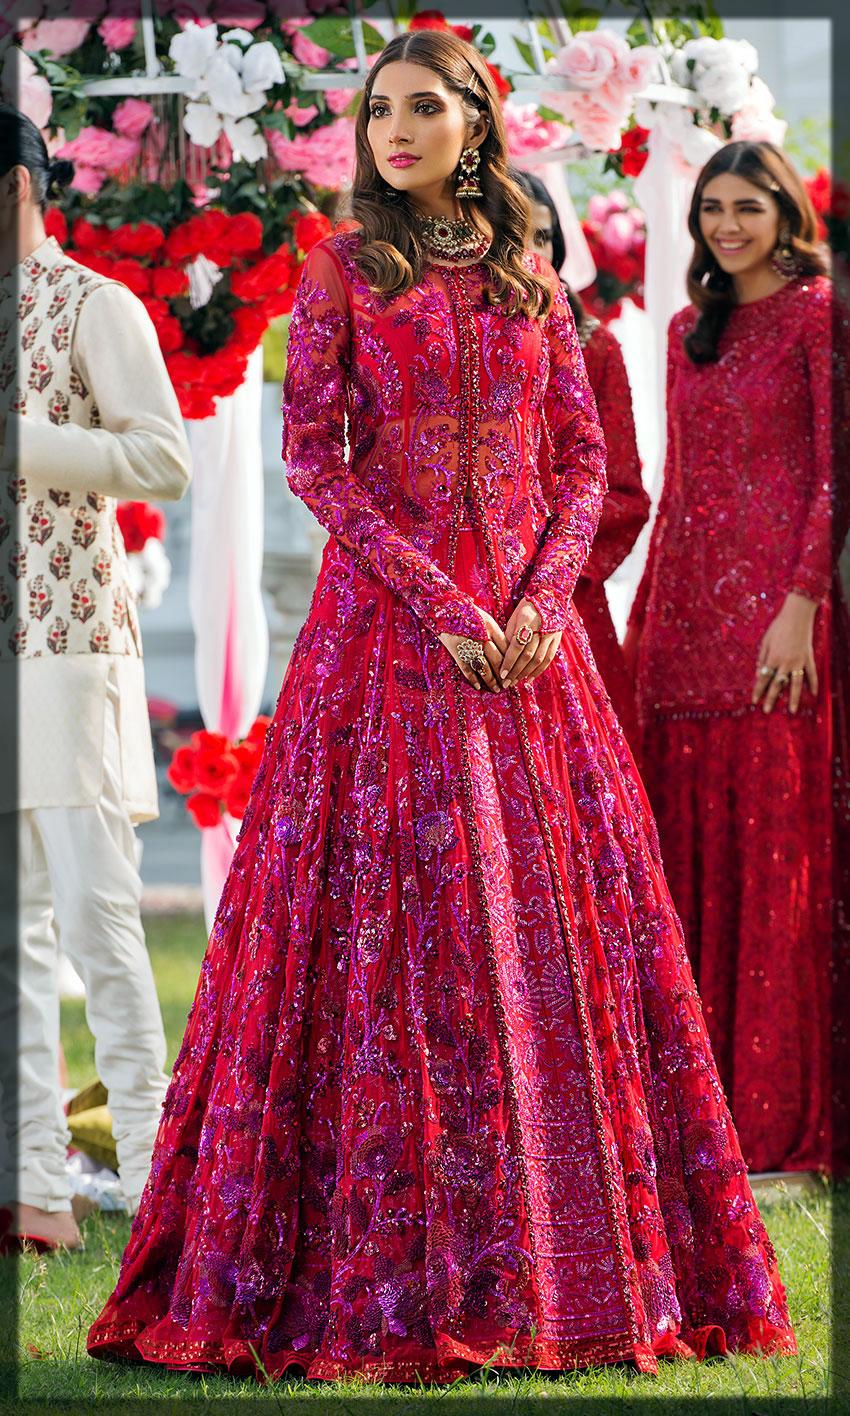 floral printed barat day dress for bride